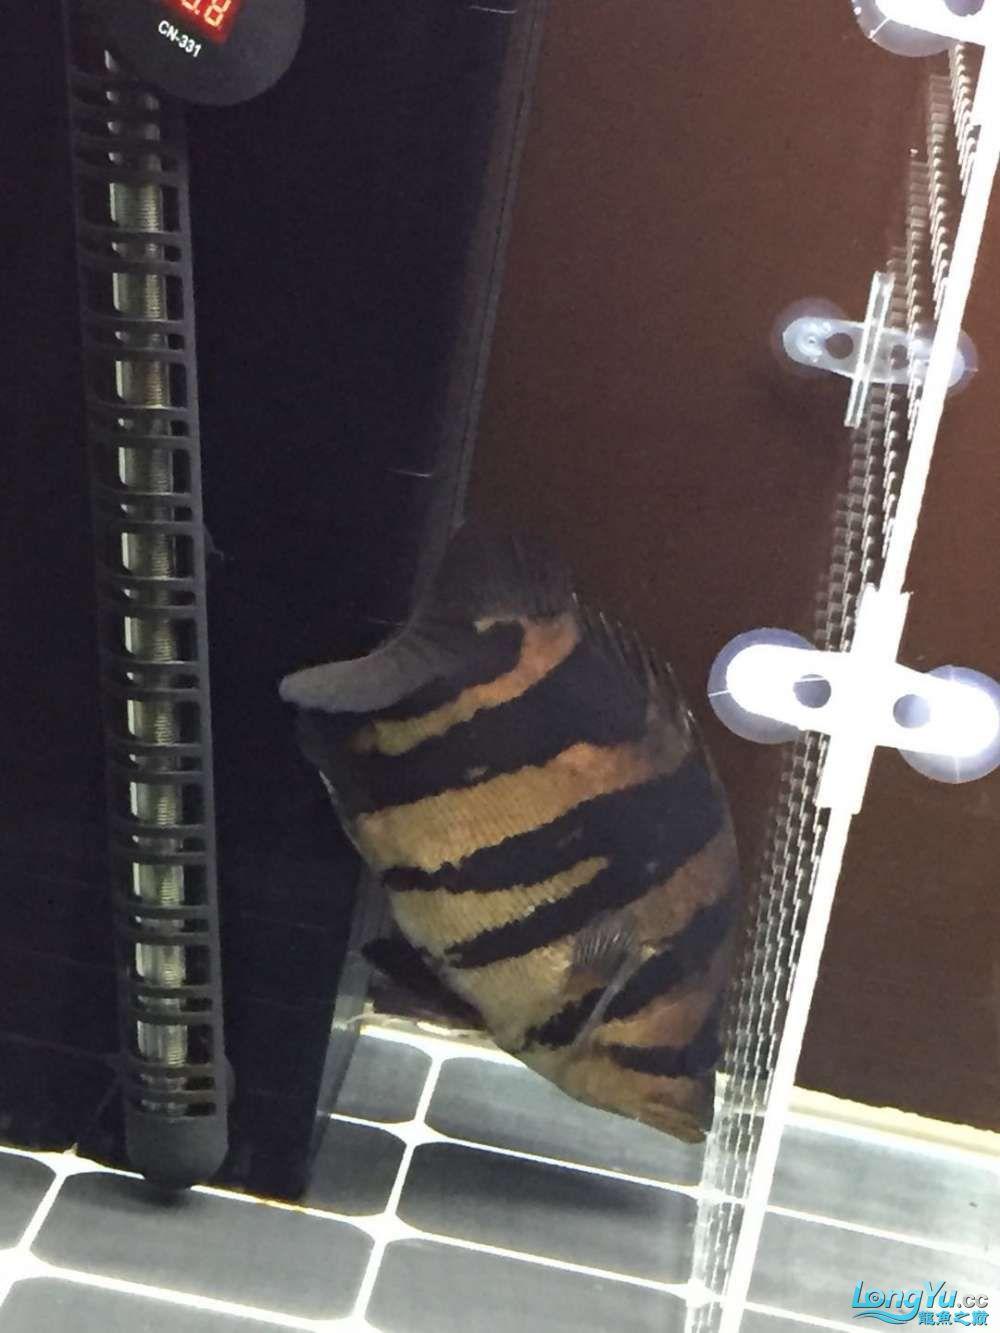 北京泰迪花谷32cm人字纹印尼虎 北京观赏鱼 北京龙鱼第2张